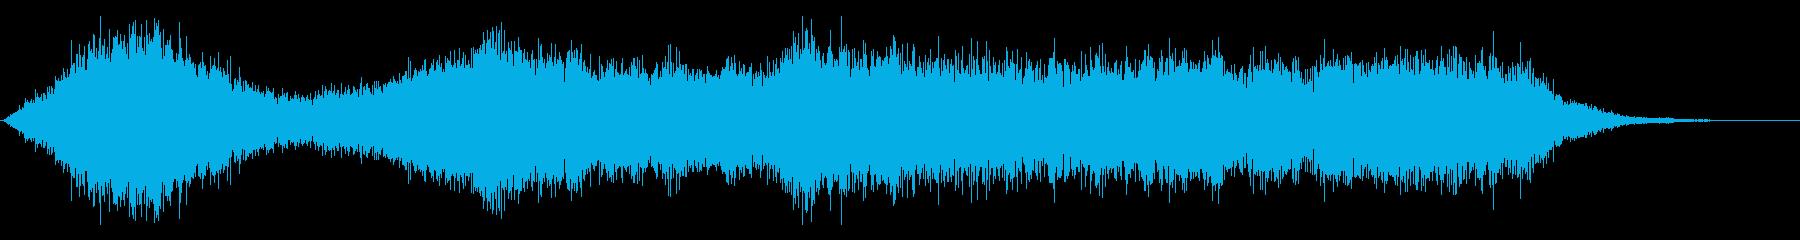 ワープ、近未来、SF的音の再生済みの波形